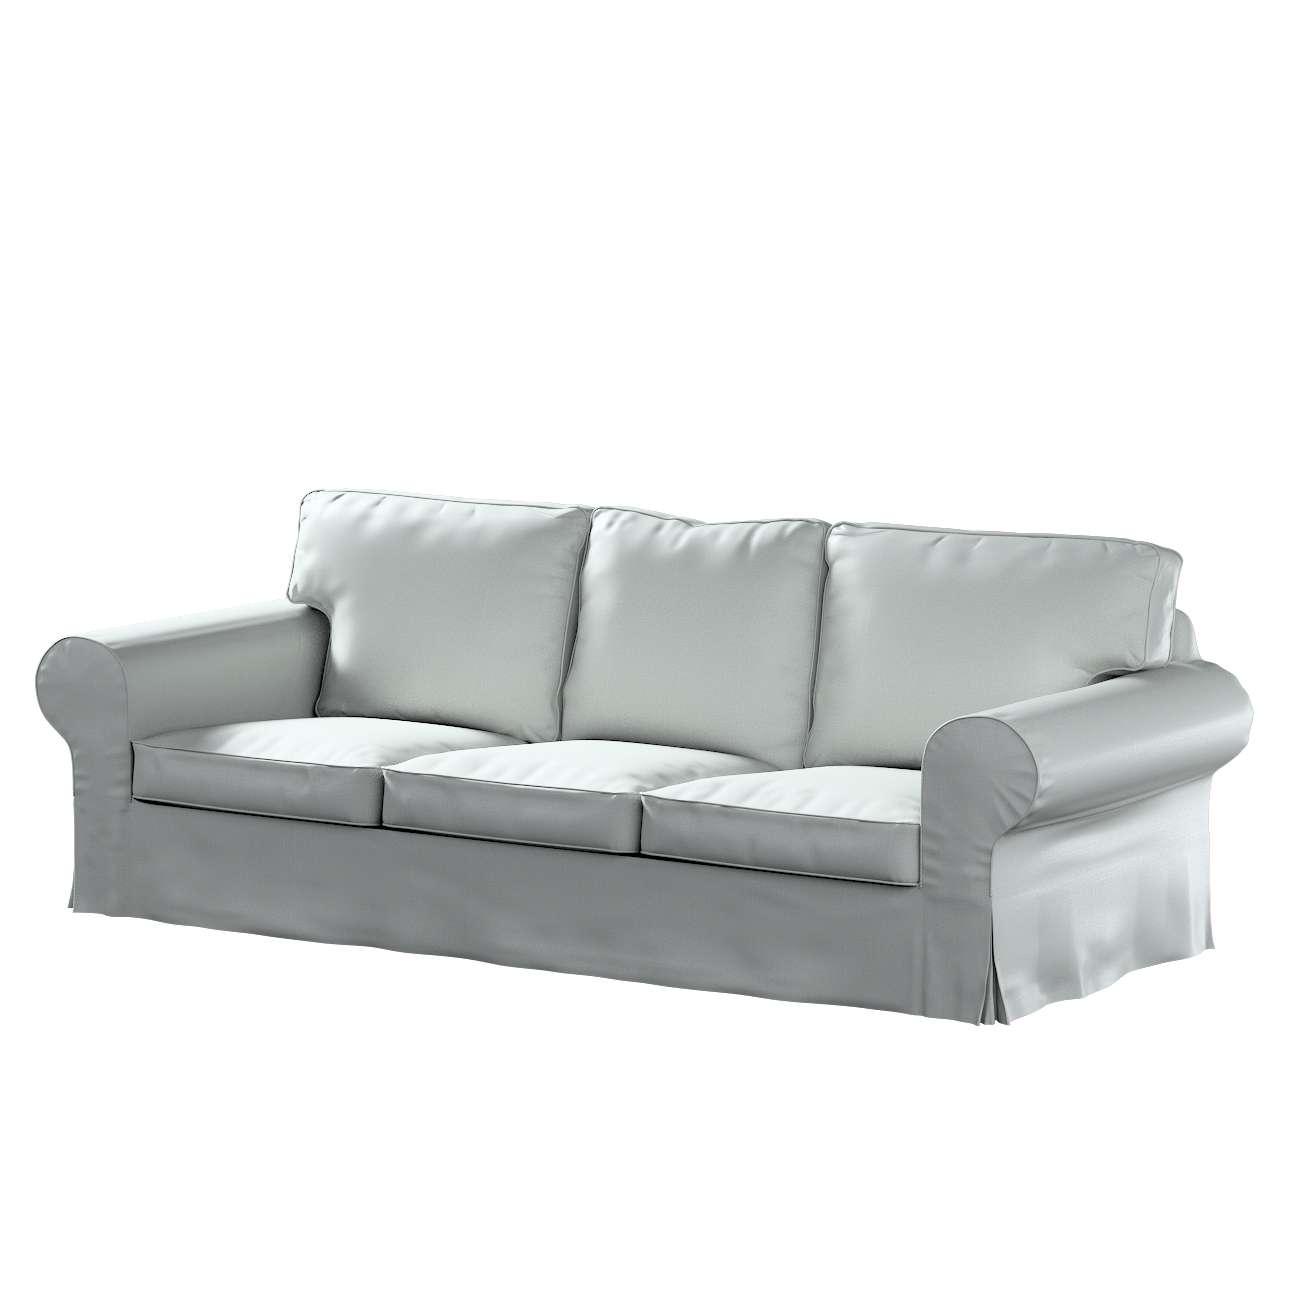 Pokrowiec na sofę Ektorp 3-osobową, rozkładaną, PIXBO w kolekcji Bergen, tkanina: 161-72